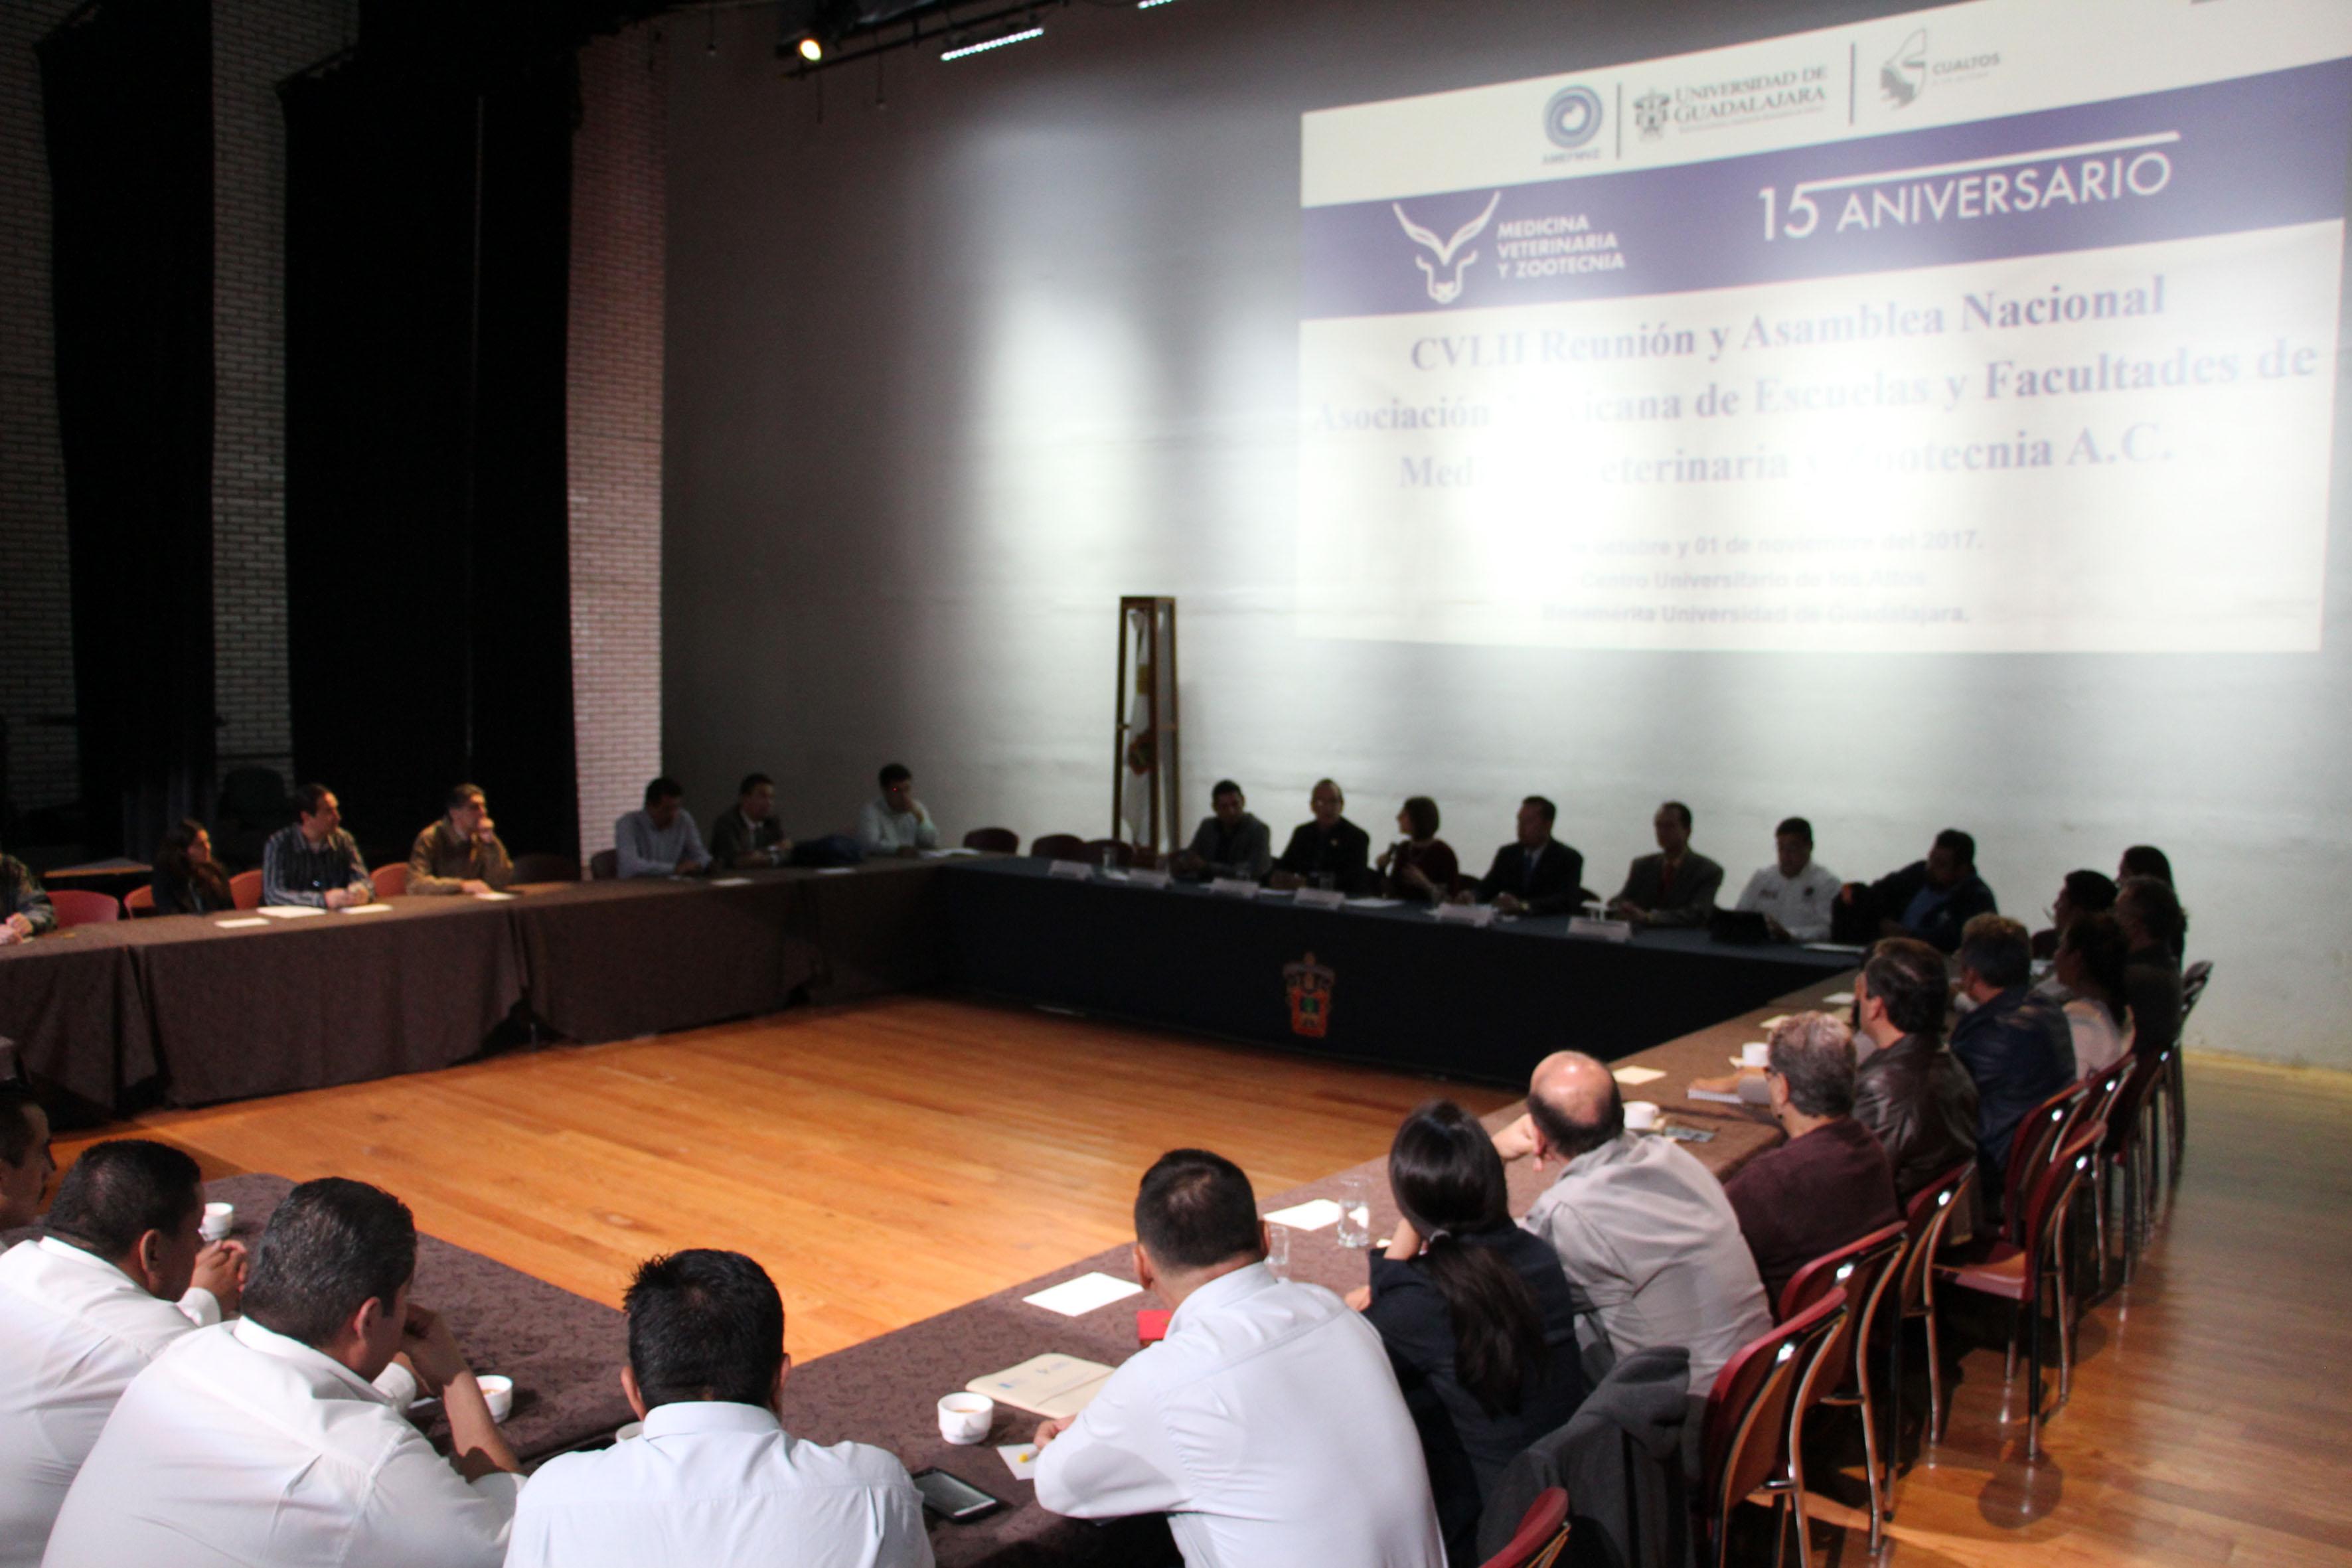 Directores y profesores de 18 facultades y escuelas de Veterinaria de todo el País, reunidos en el CUAltos, durante la CLVII (157) Reunión Nacional de la Asociación Mexicana de Escuelas y Facultades de Medicina Veterinaria y Zootecnia A.C. (AMEFMVZ).